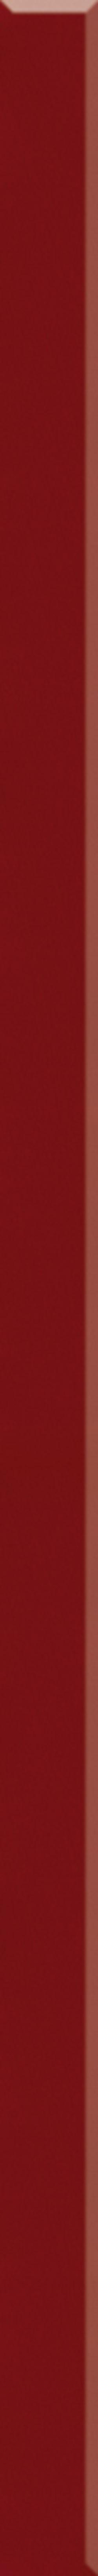 Paradyż Uniwersalna Listwa Szklana Rosso